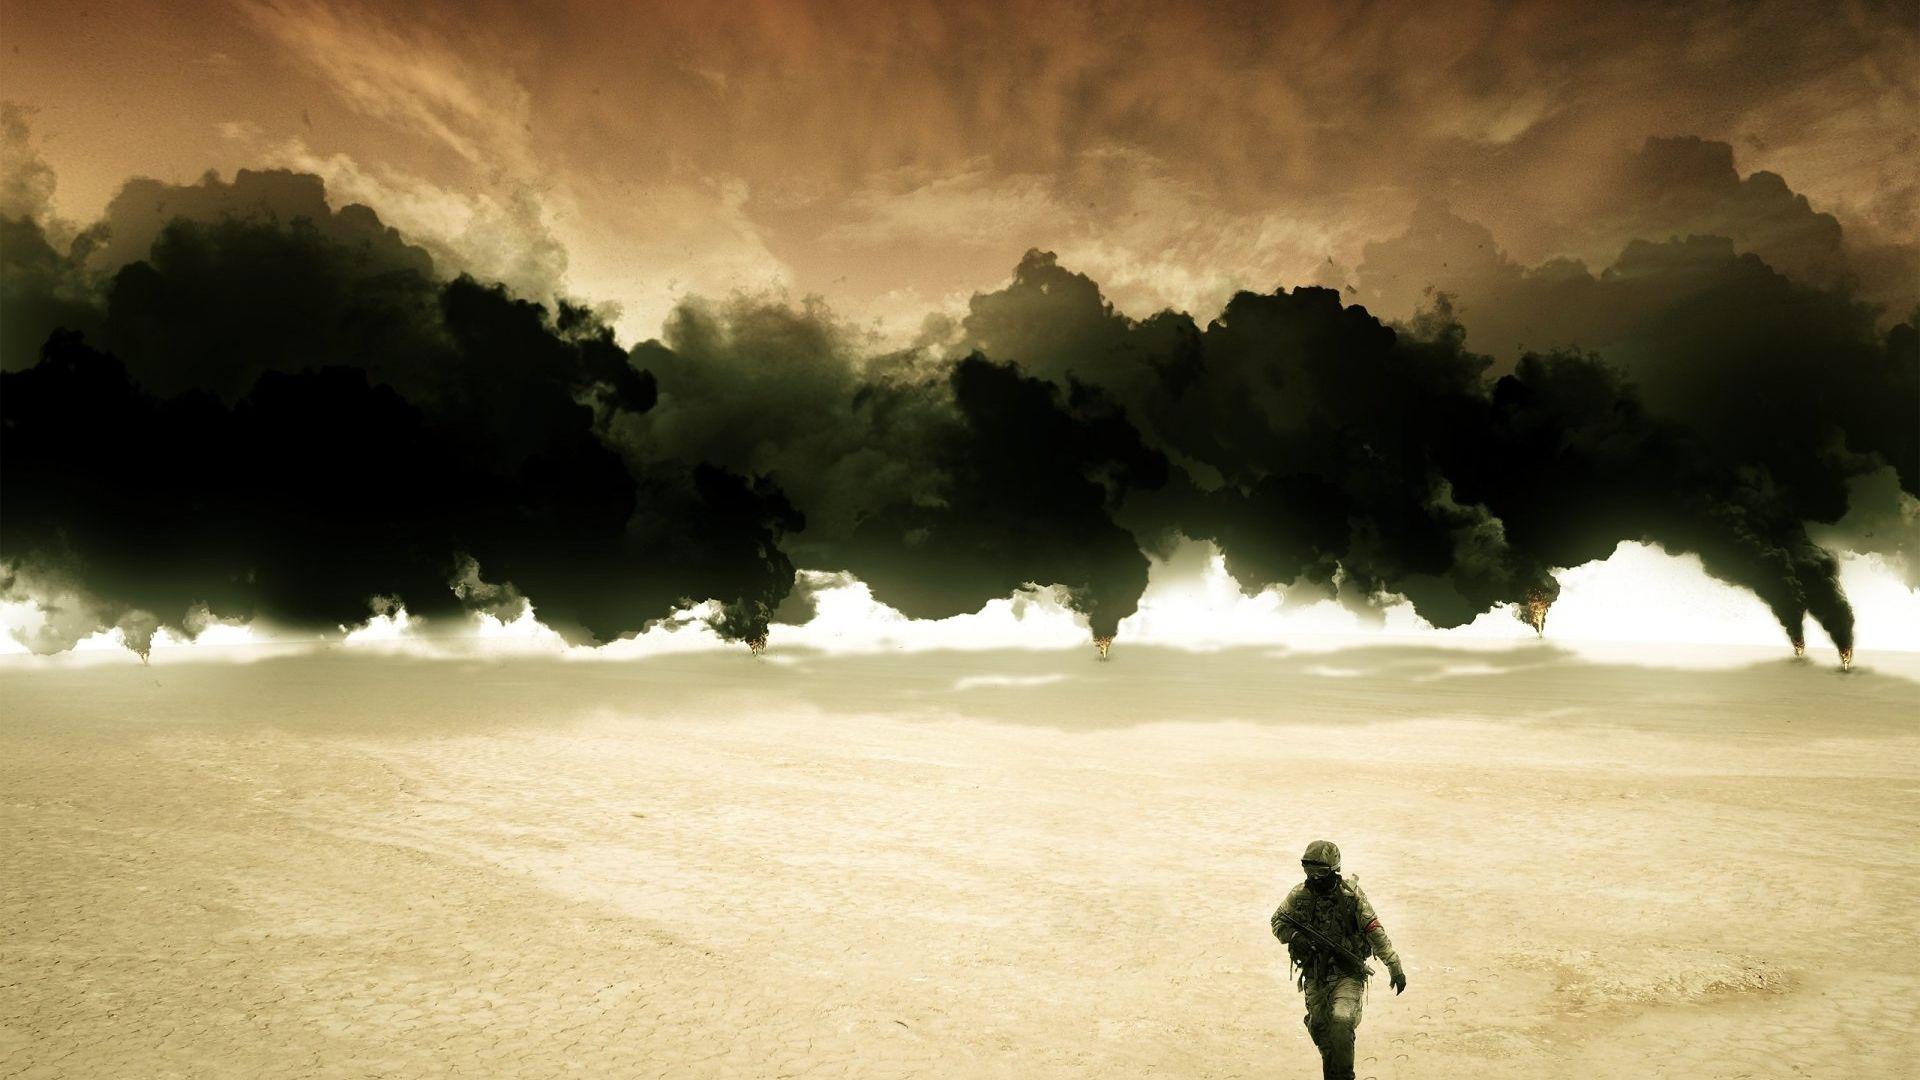 美国海湾战争_1991年的海湾战争为什么让当时的中国感到无比震惊?(转自知乎 ...